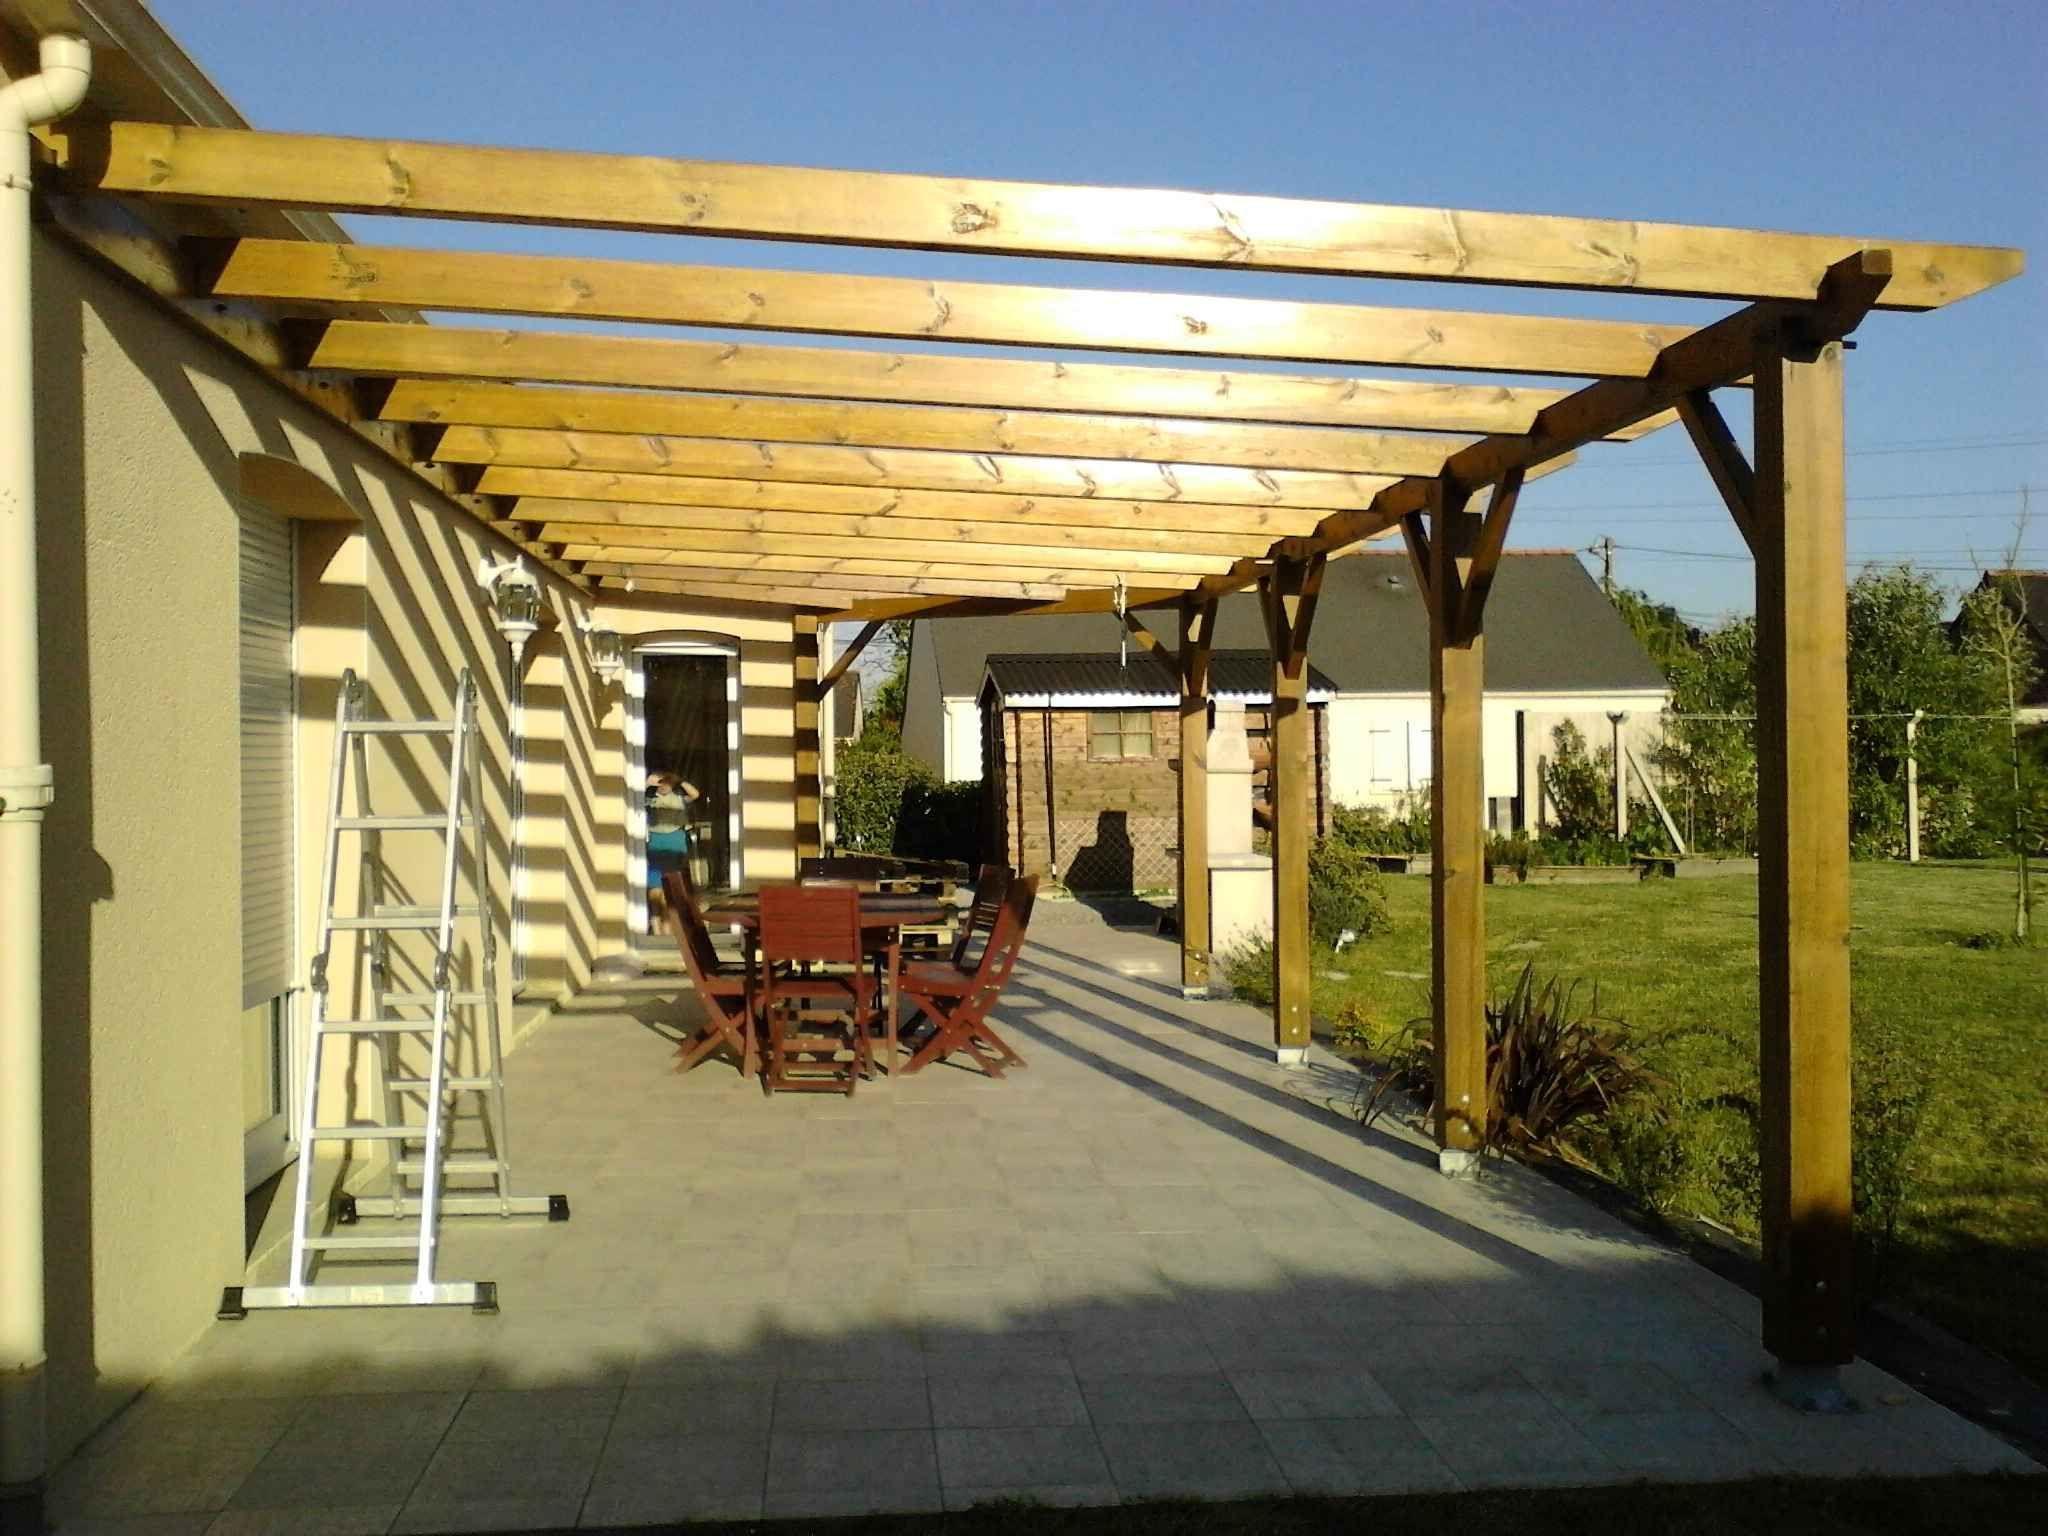 Tutoriel Complet Sur La Fabrication Et Le Montage D Une Pergola En Bois Faite Maison Adossee Bois Construire Pergola In 2020 Outdoor Pergola Pergola Pergola Plans